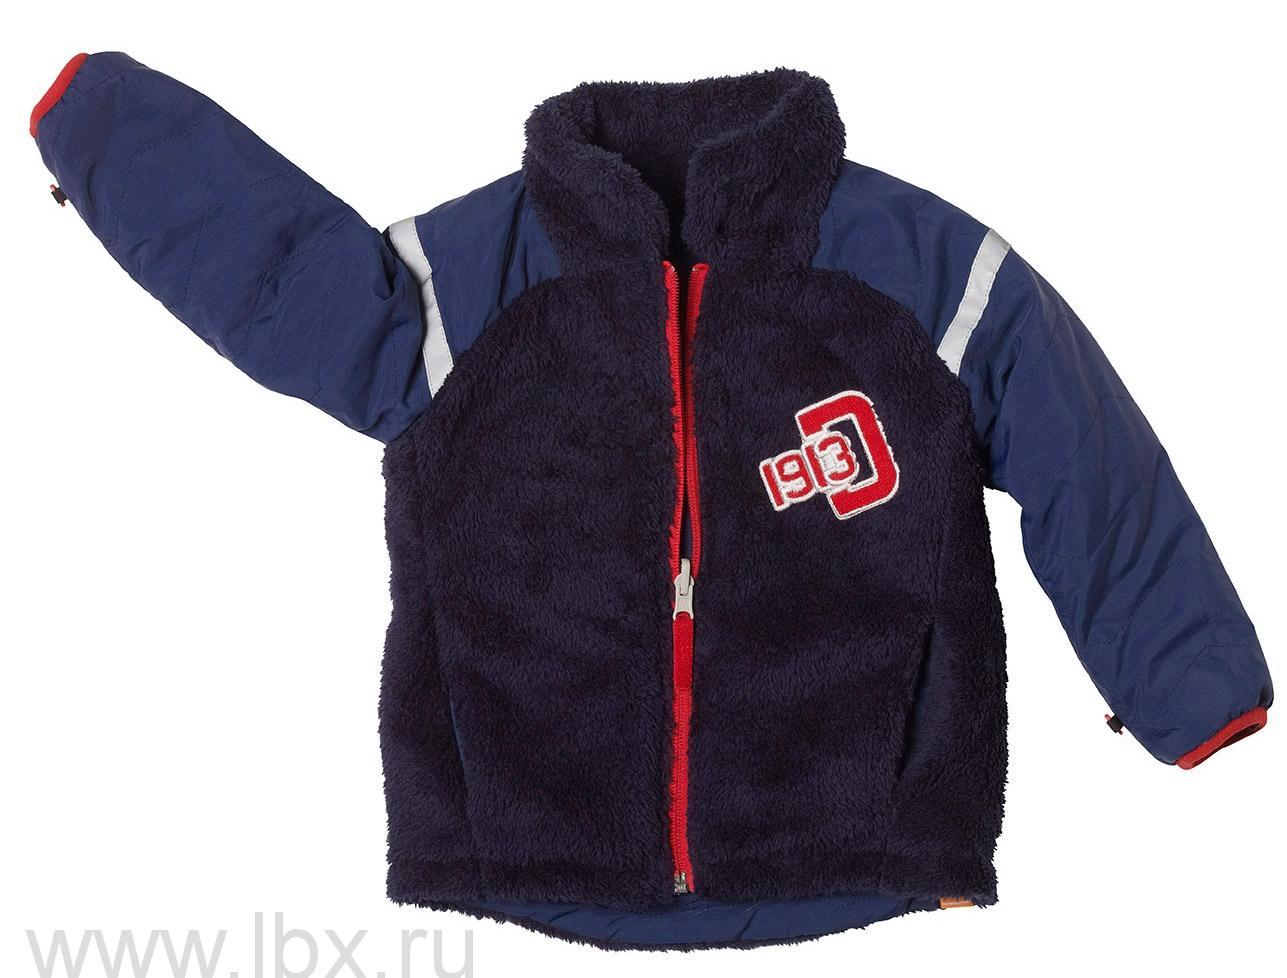 Куртка для детей Tangra Kids Reversible, Didriksons 1913 (Дидриксонс 1913), цвет морской бриз